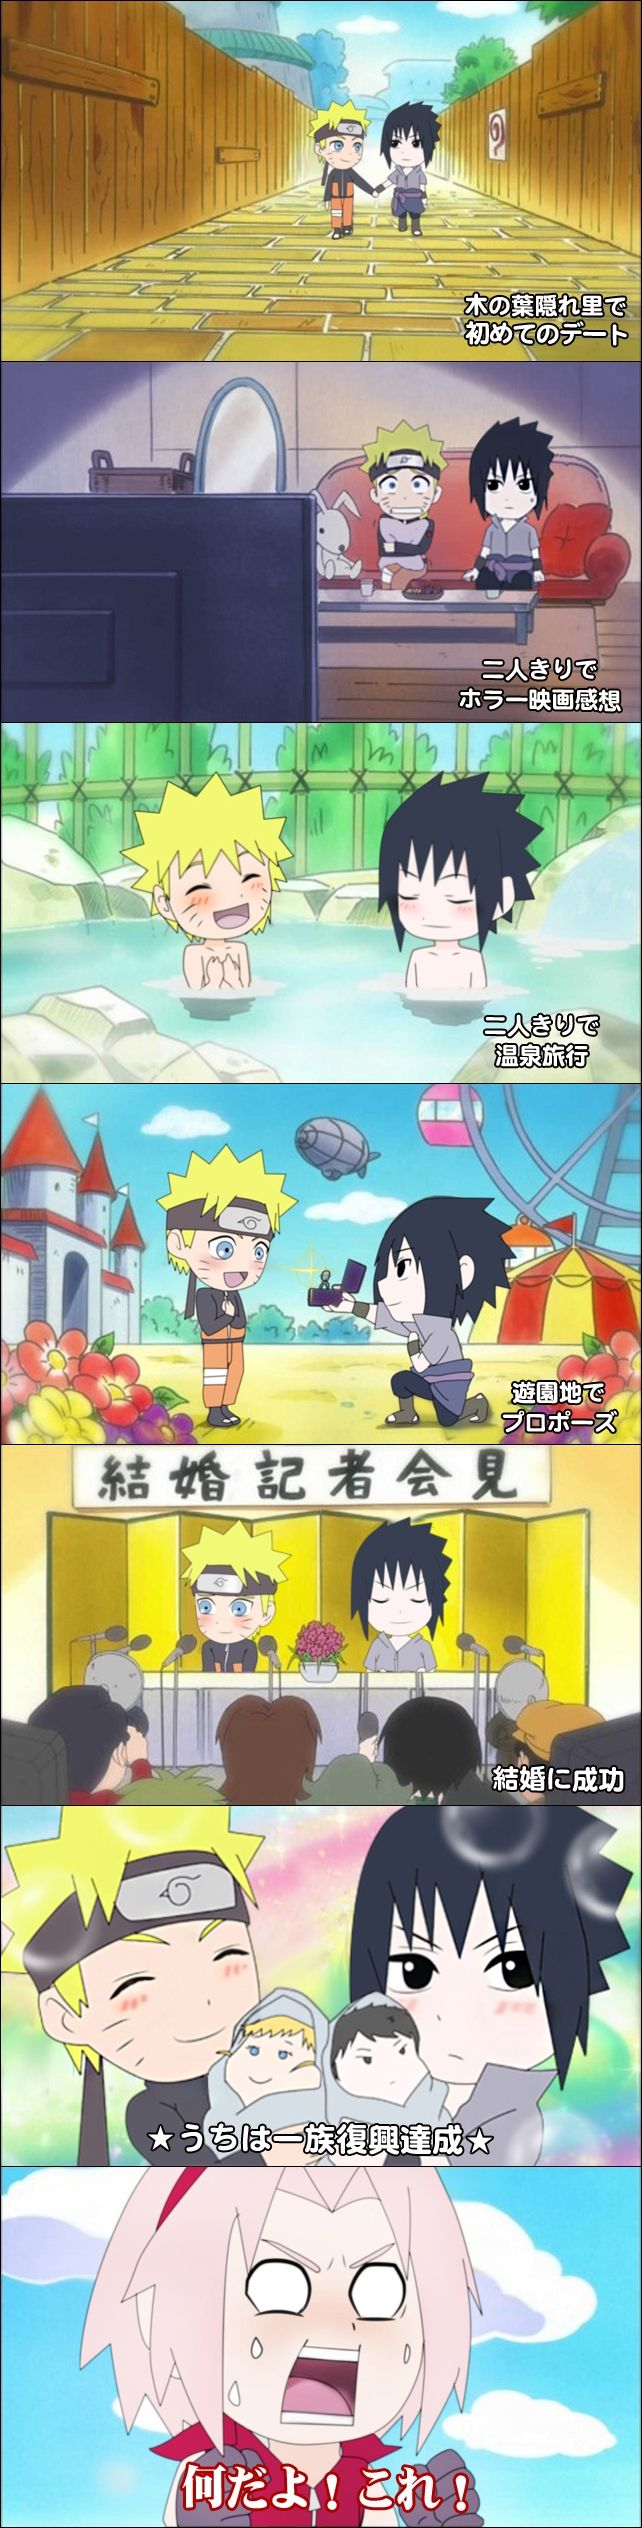 You were Naruto porn sasuke